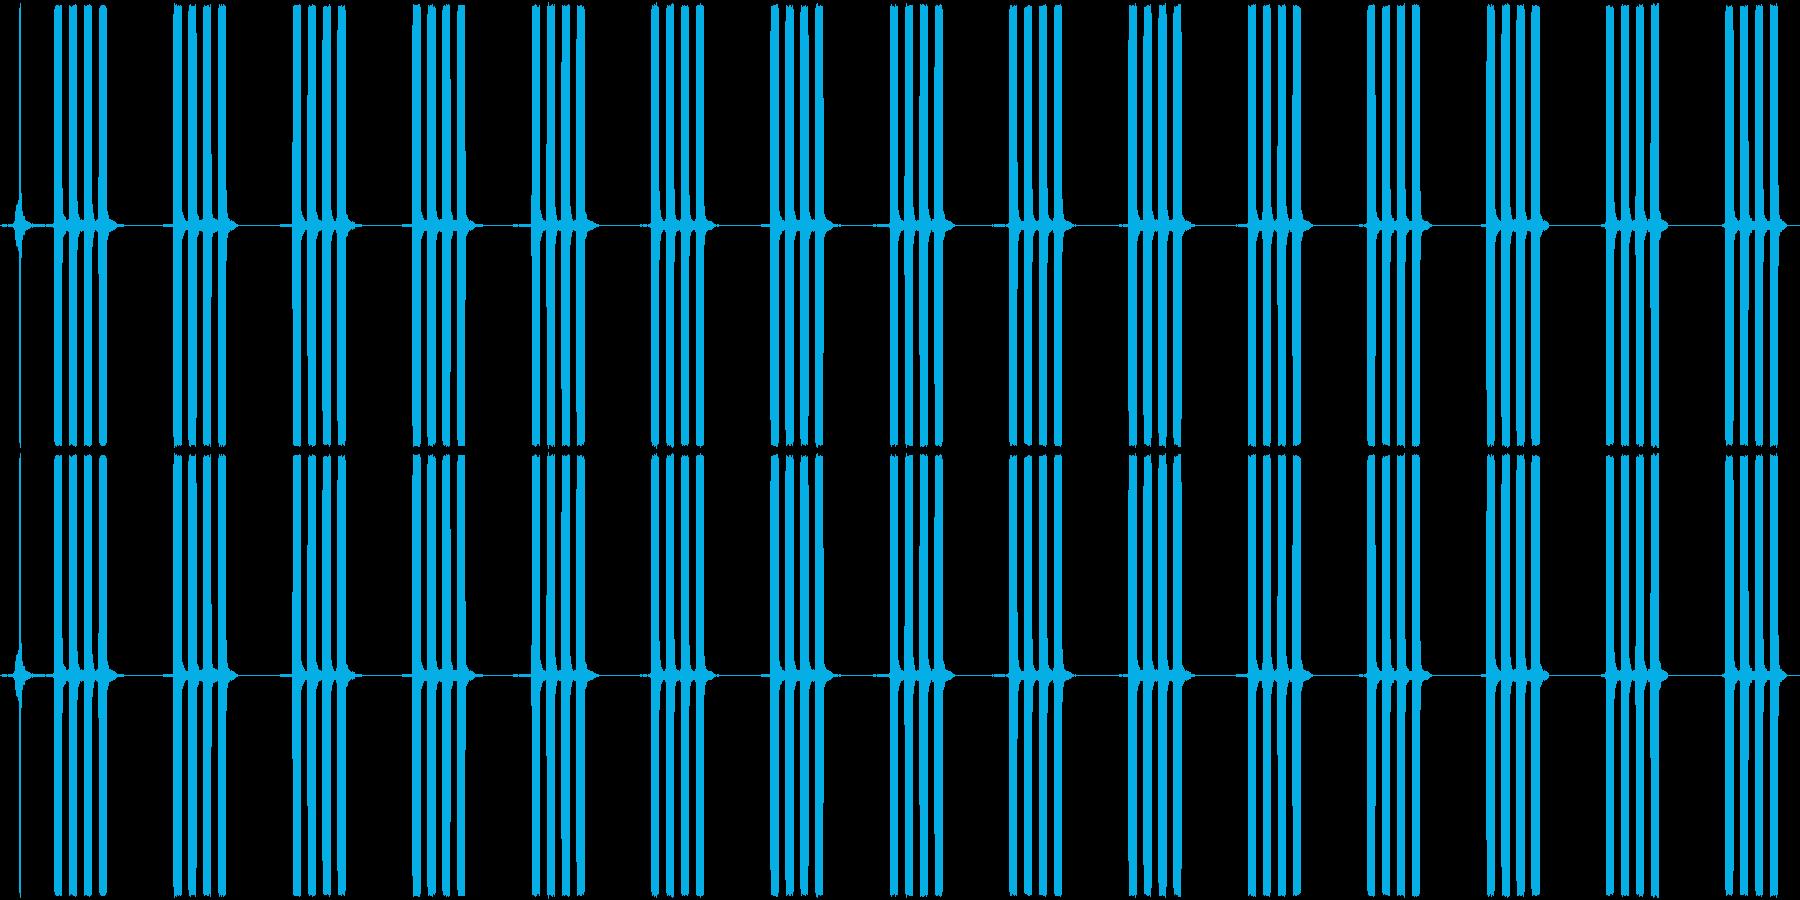 目覚まし時計のアラーム音_15秒ループの再生済みの波形